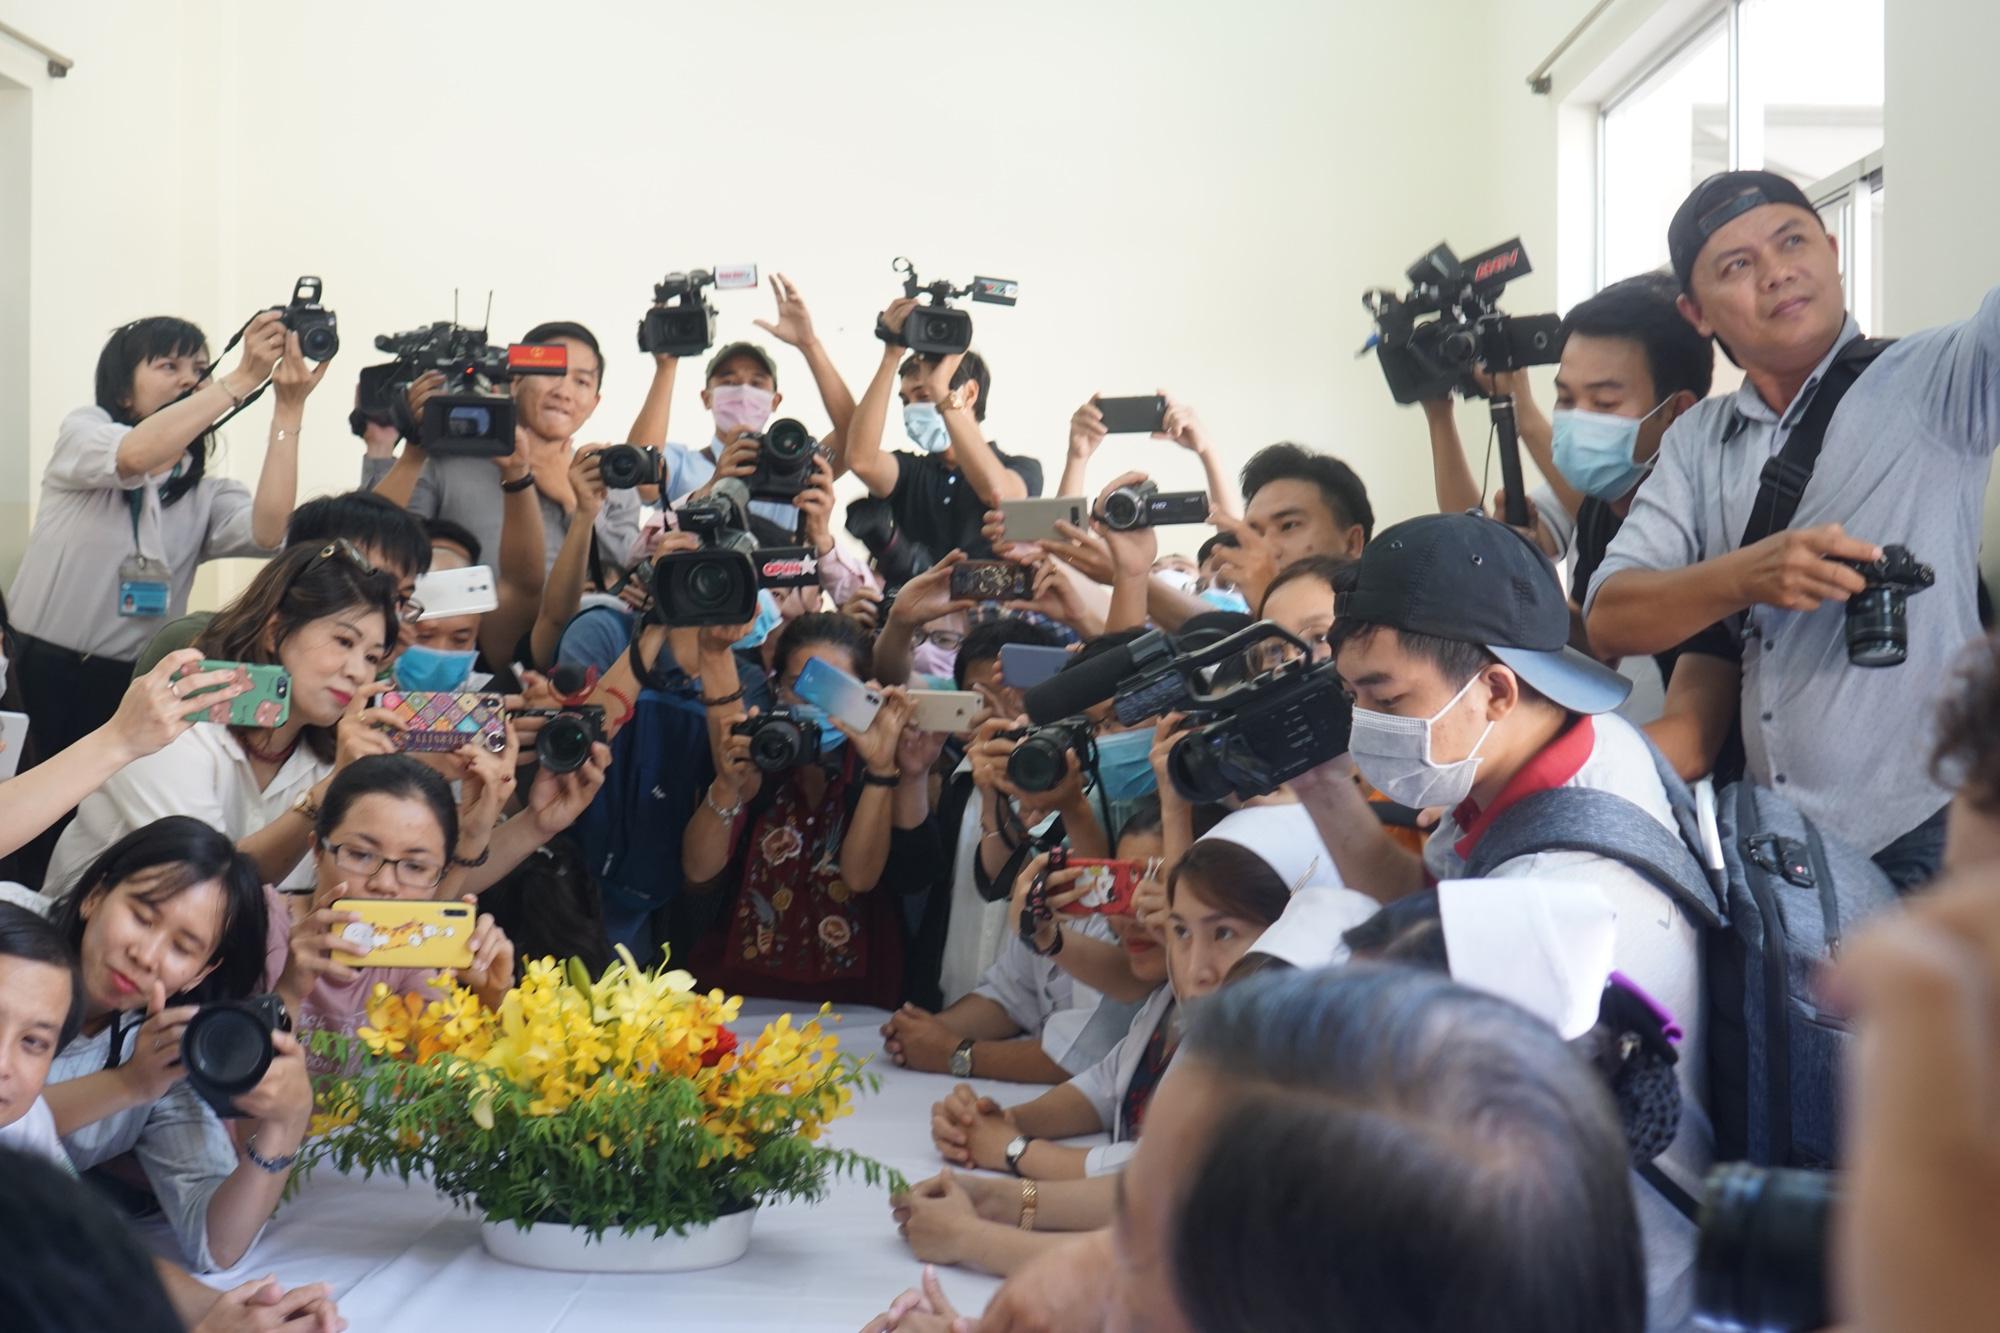 Bệnh nhân thứ 3 nhiễm corona ở Sài Gòn được chữa khỏi: Tôi từ chỗ chết trở về - Ảnh 10.